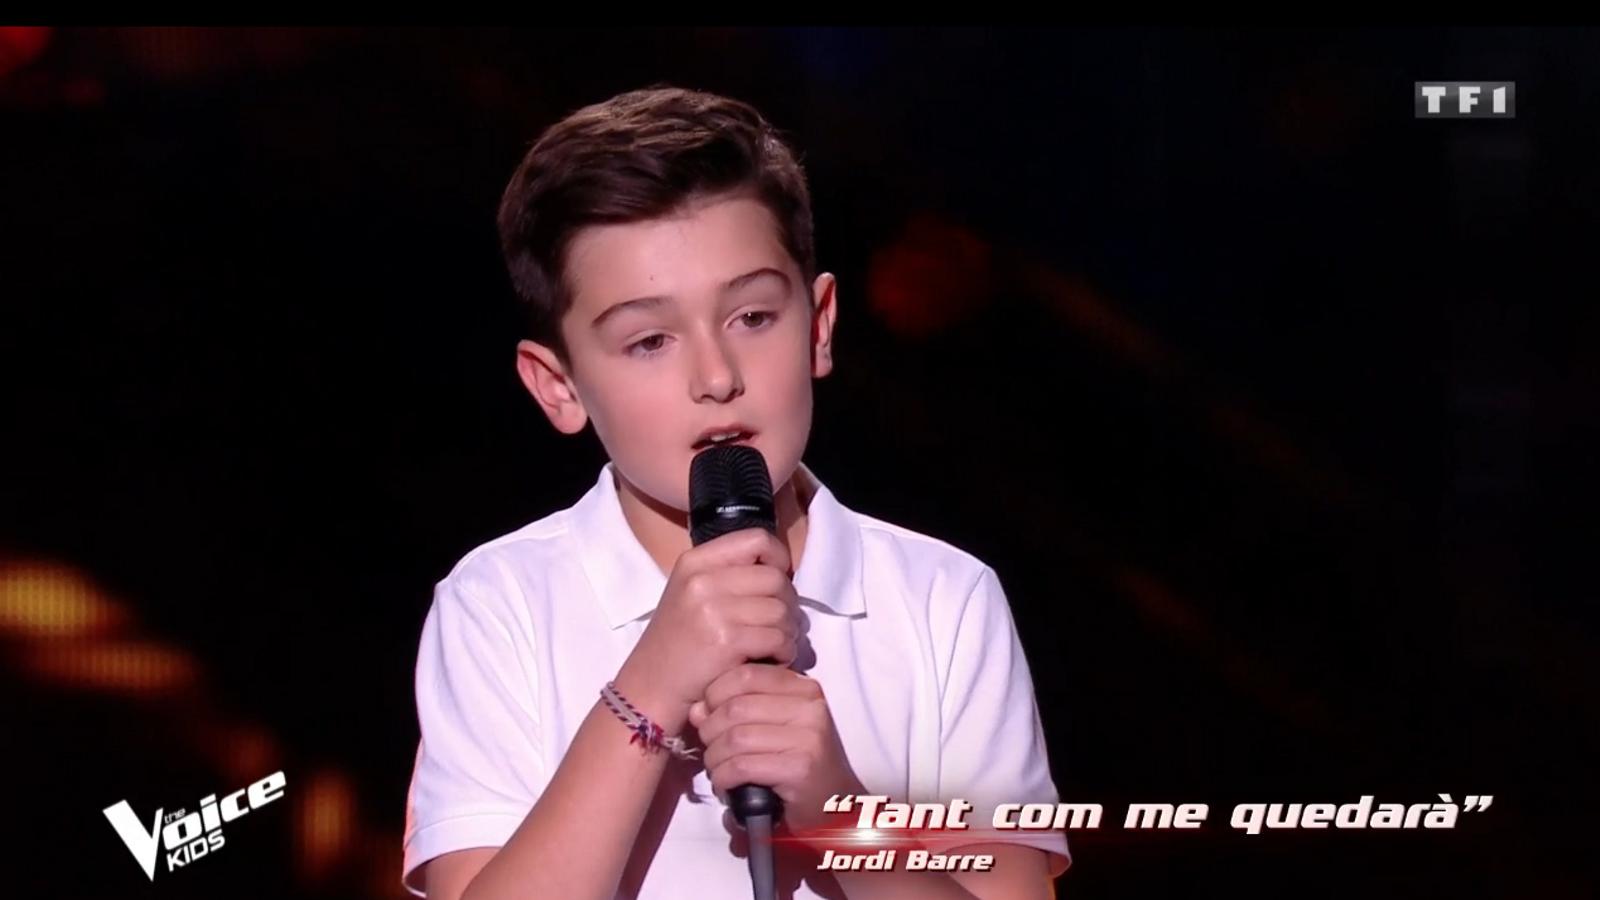 Maxime va sorprendre el jurat cantant una cançó en català